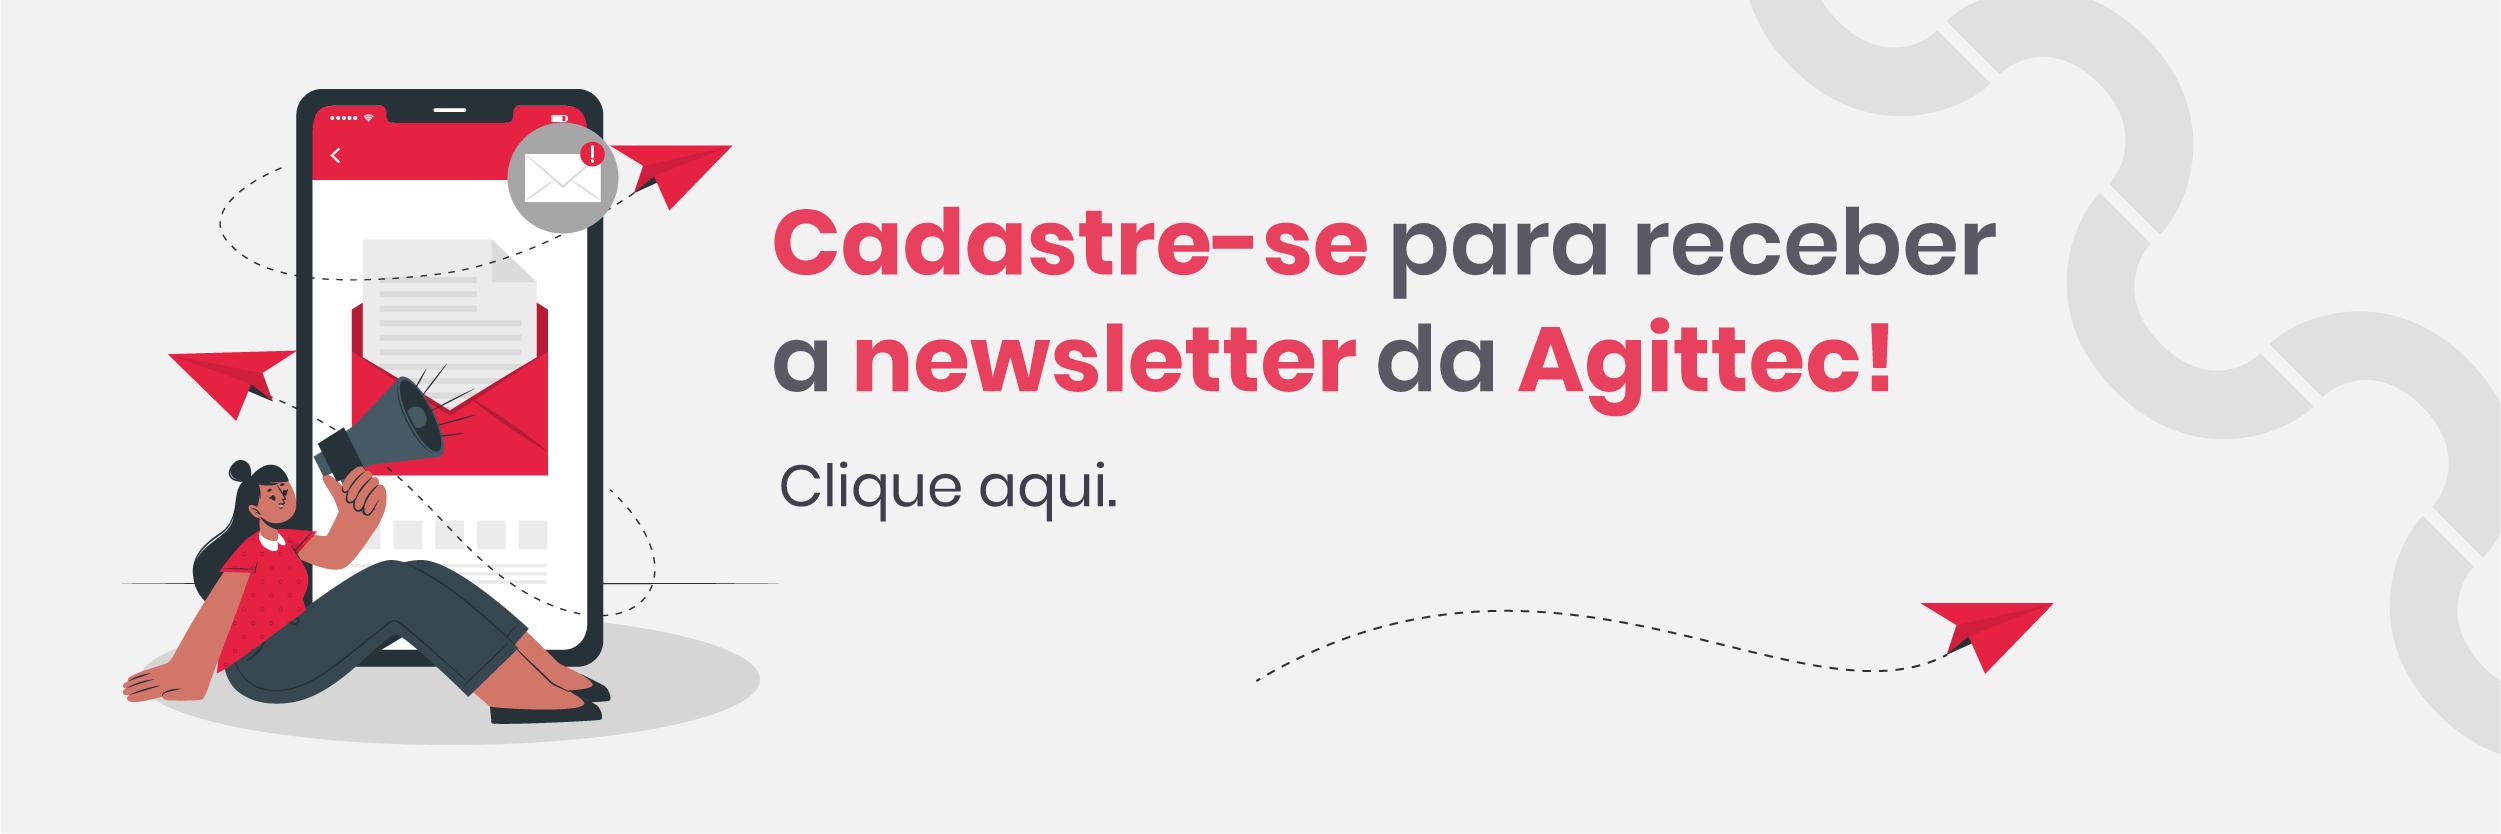 Cadastre-se para receber a newsletter da Agittec. Clique aqui.